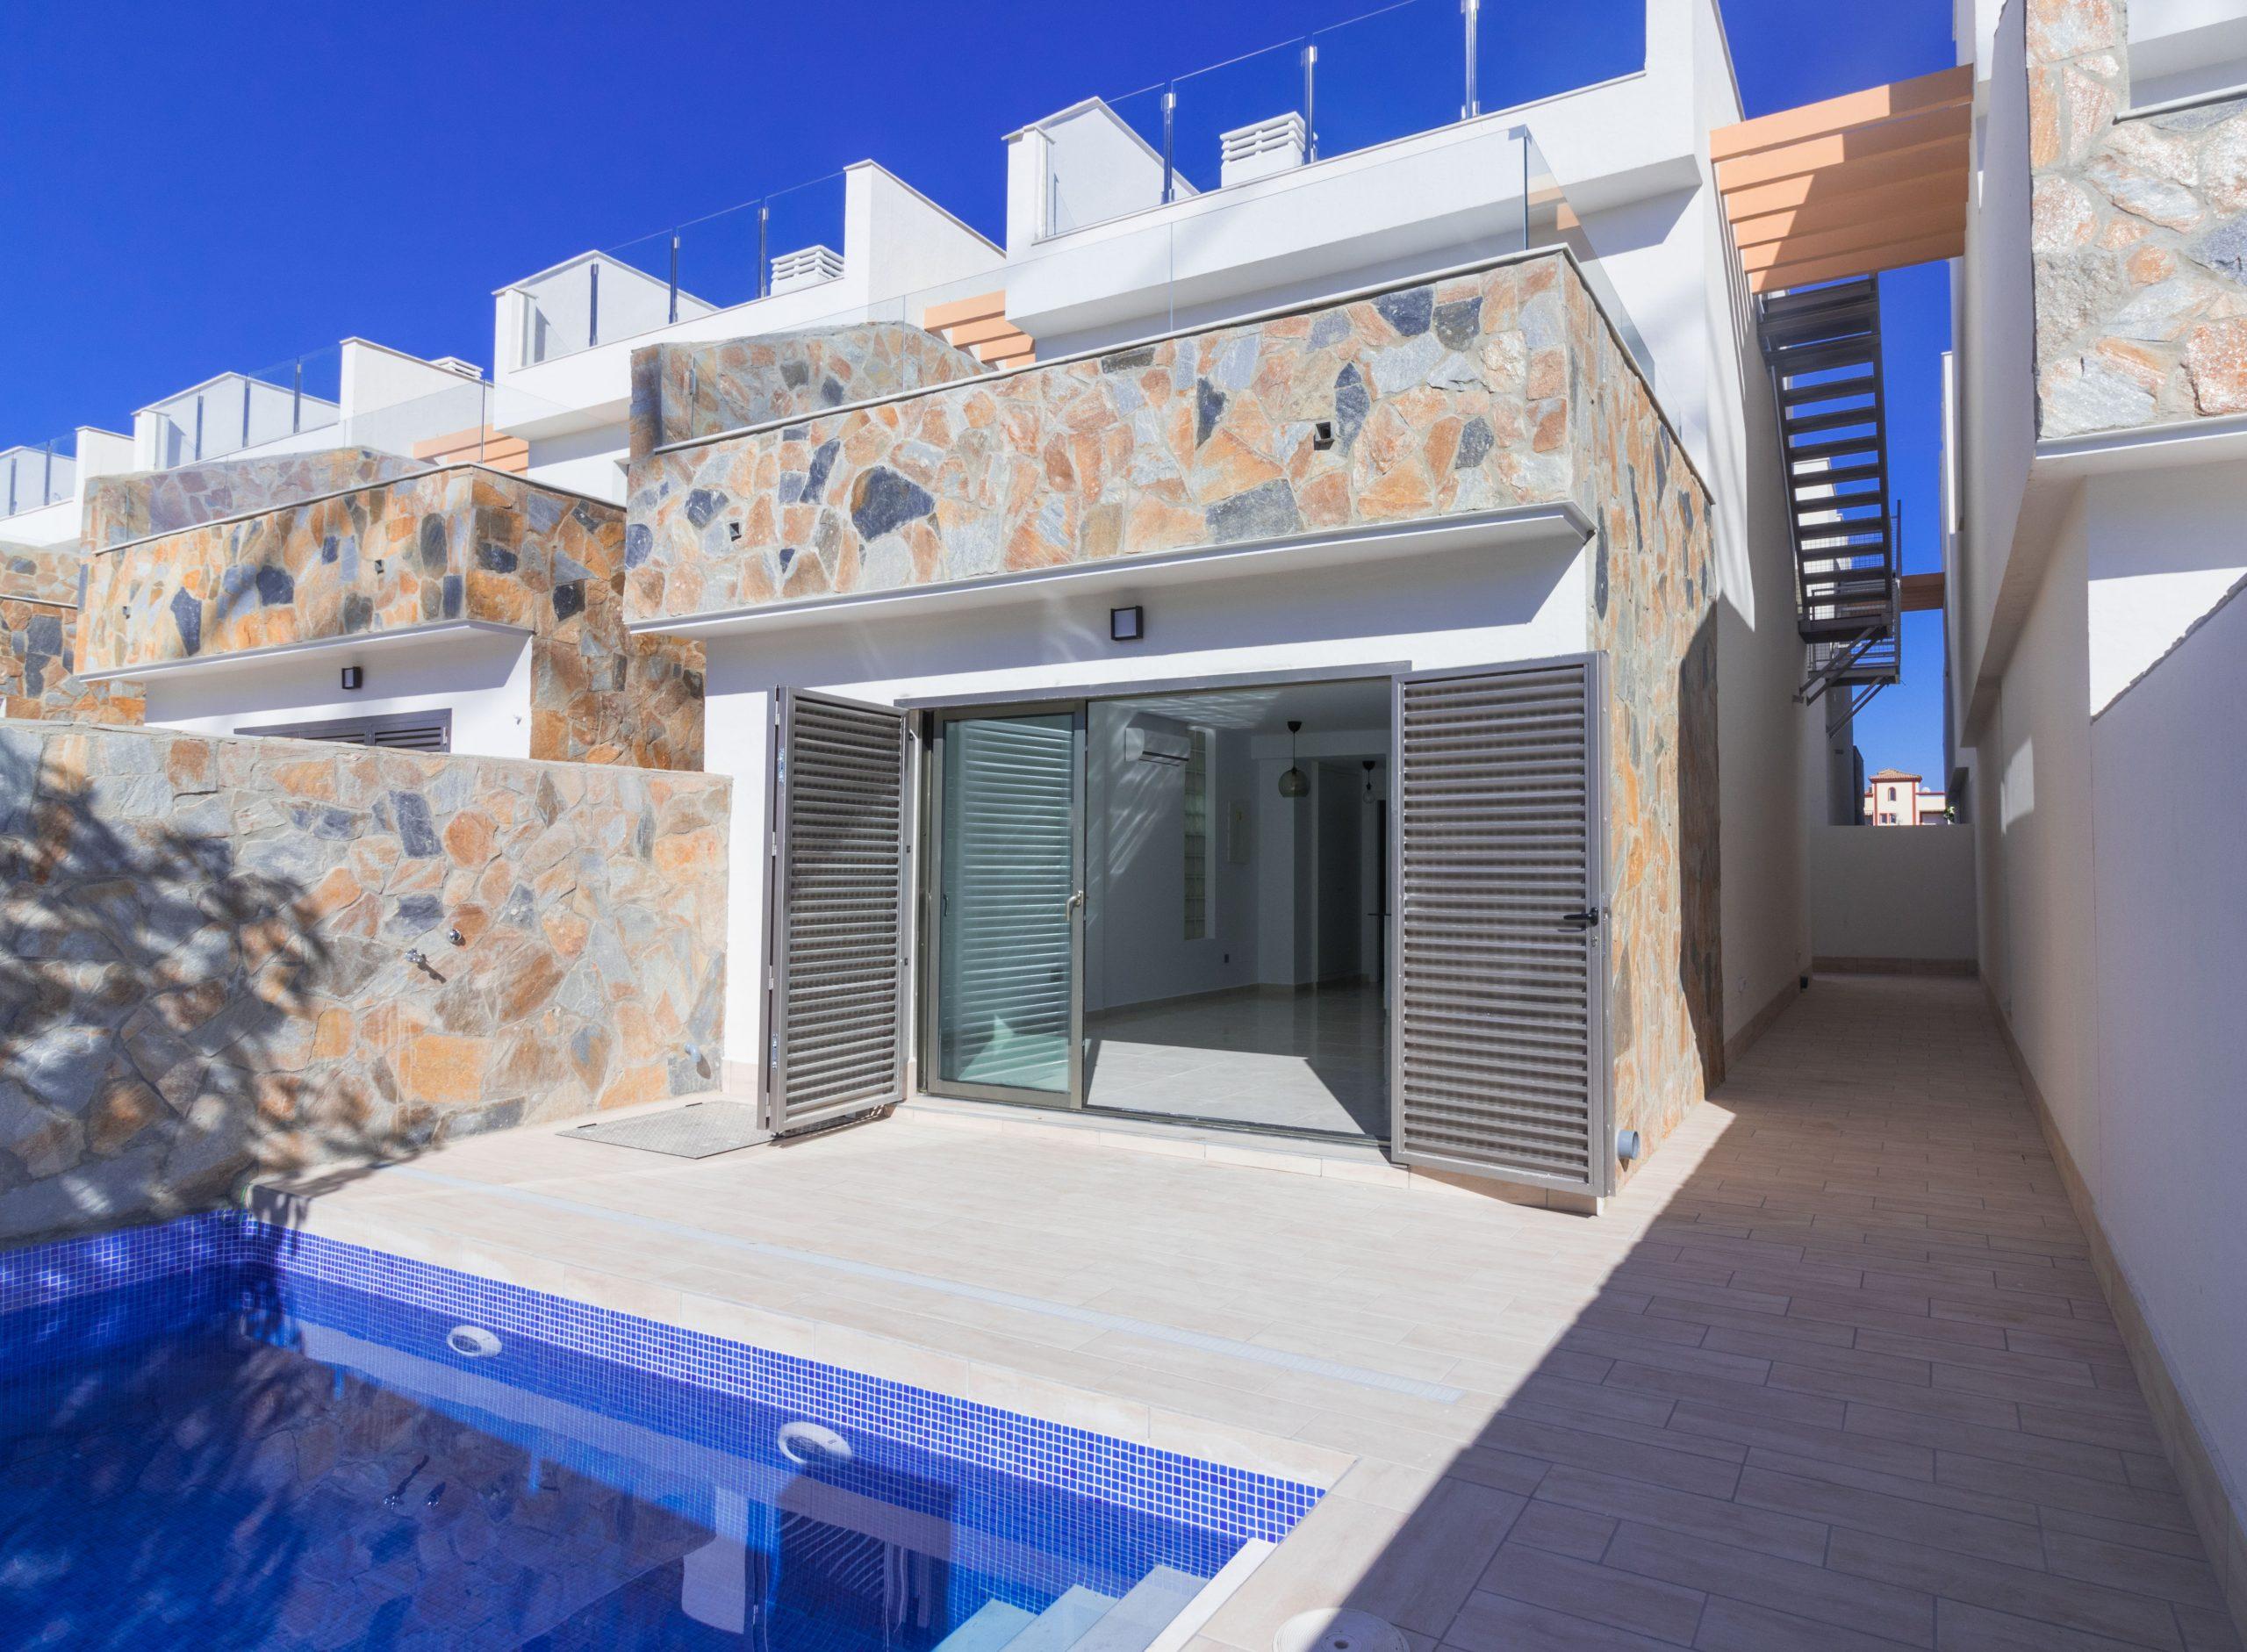 Maison Avec Piscine À Vendre À Los Alcázares - Clickforthesun concernant Maison Avec Piscine A Vendre